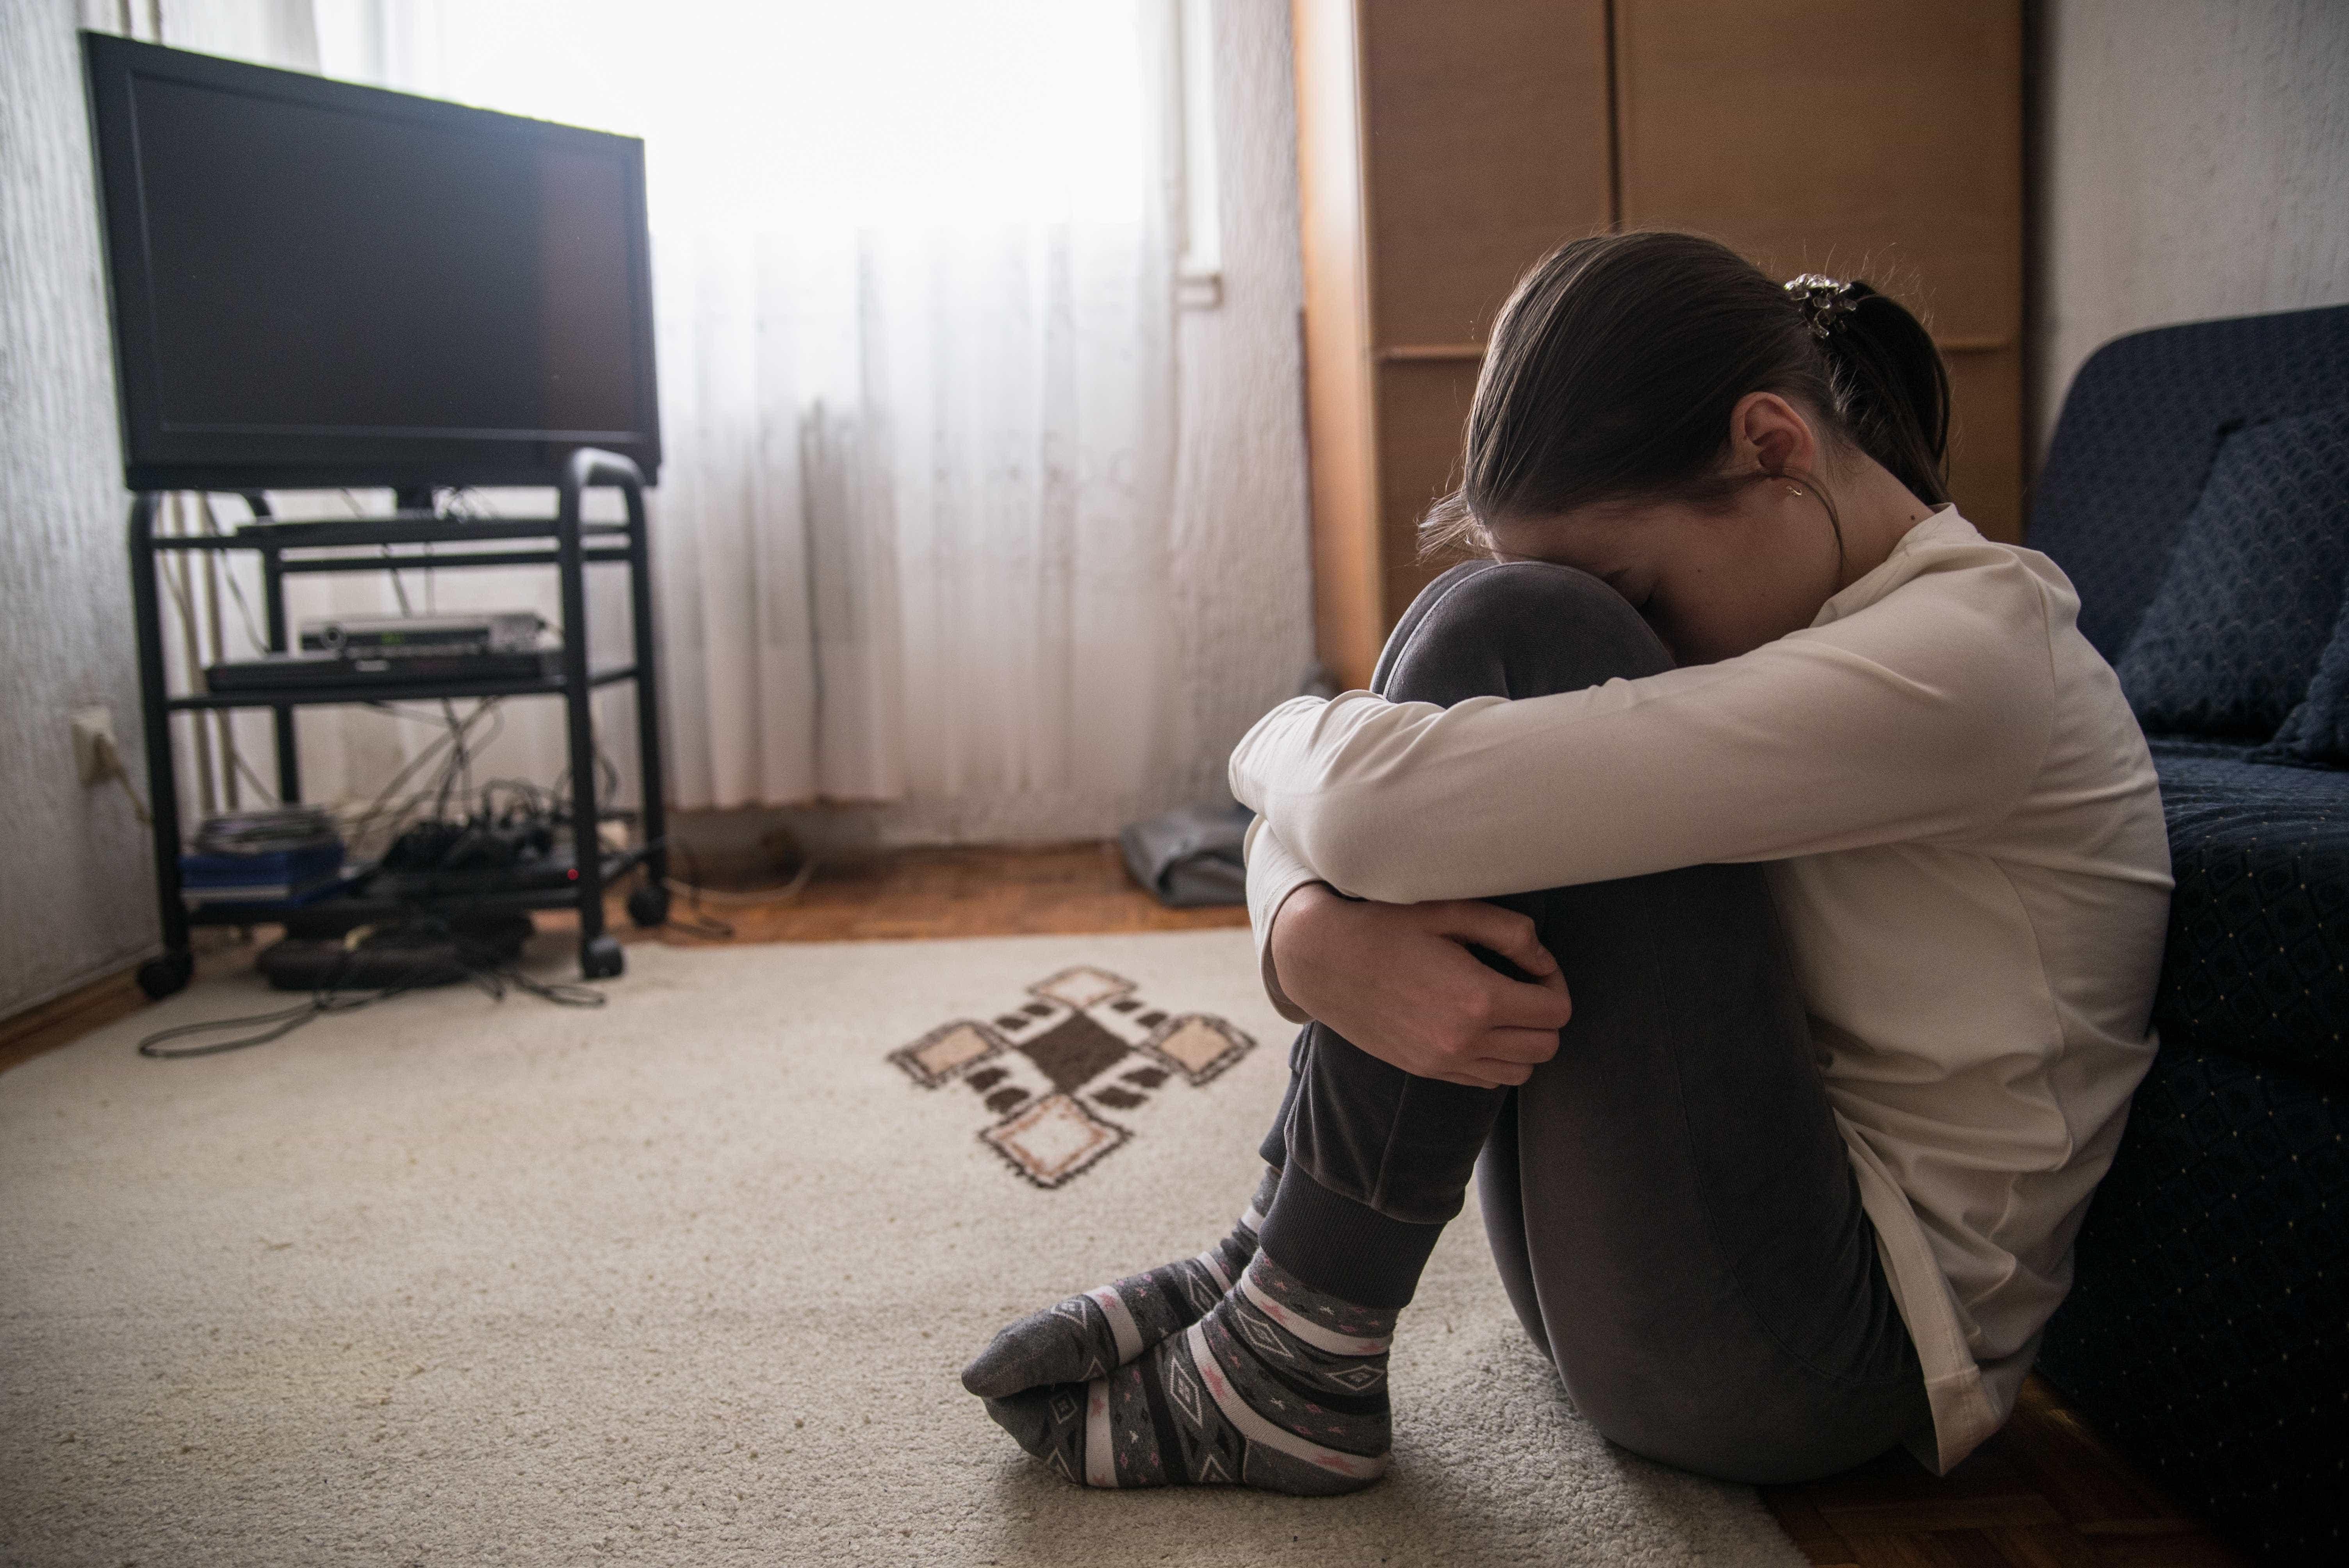 Puberdade precoce é mais comum em meninas, diz endocrinologista